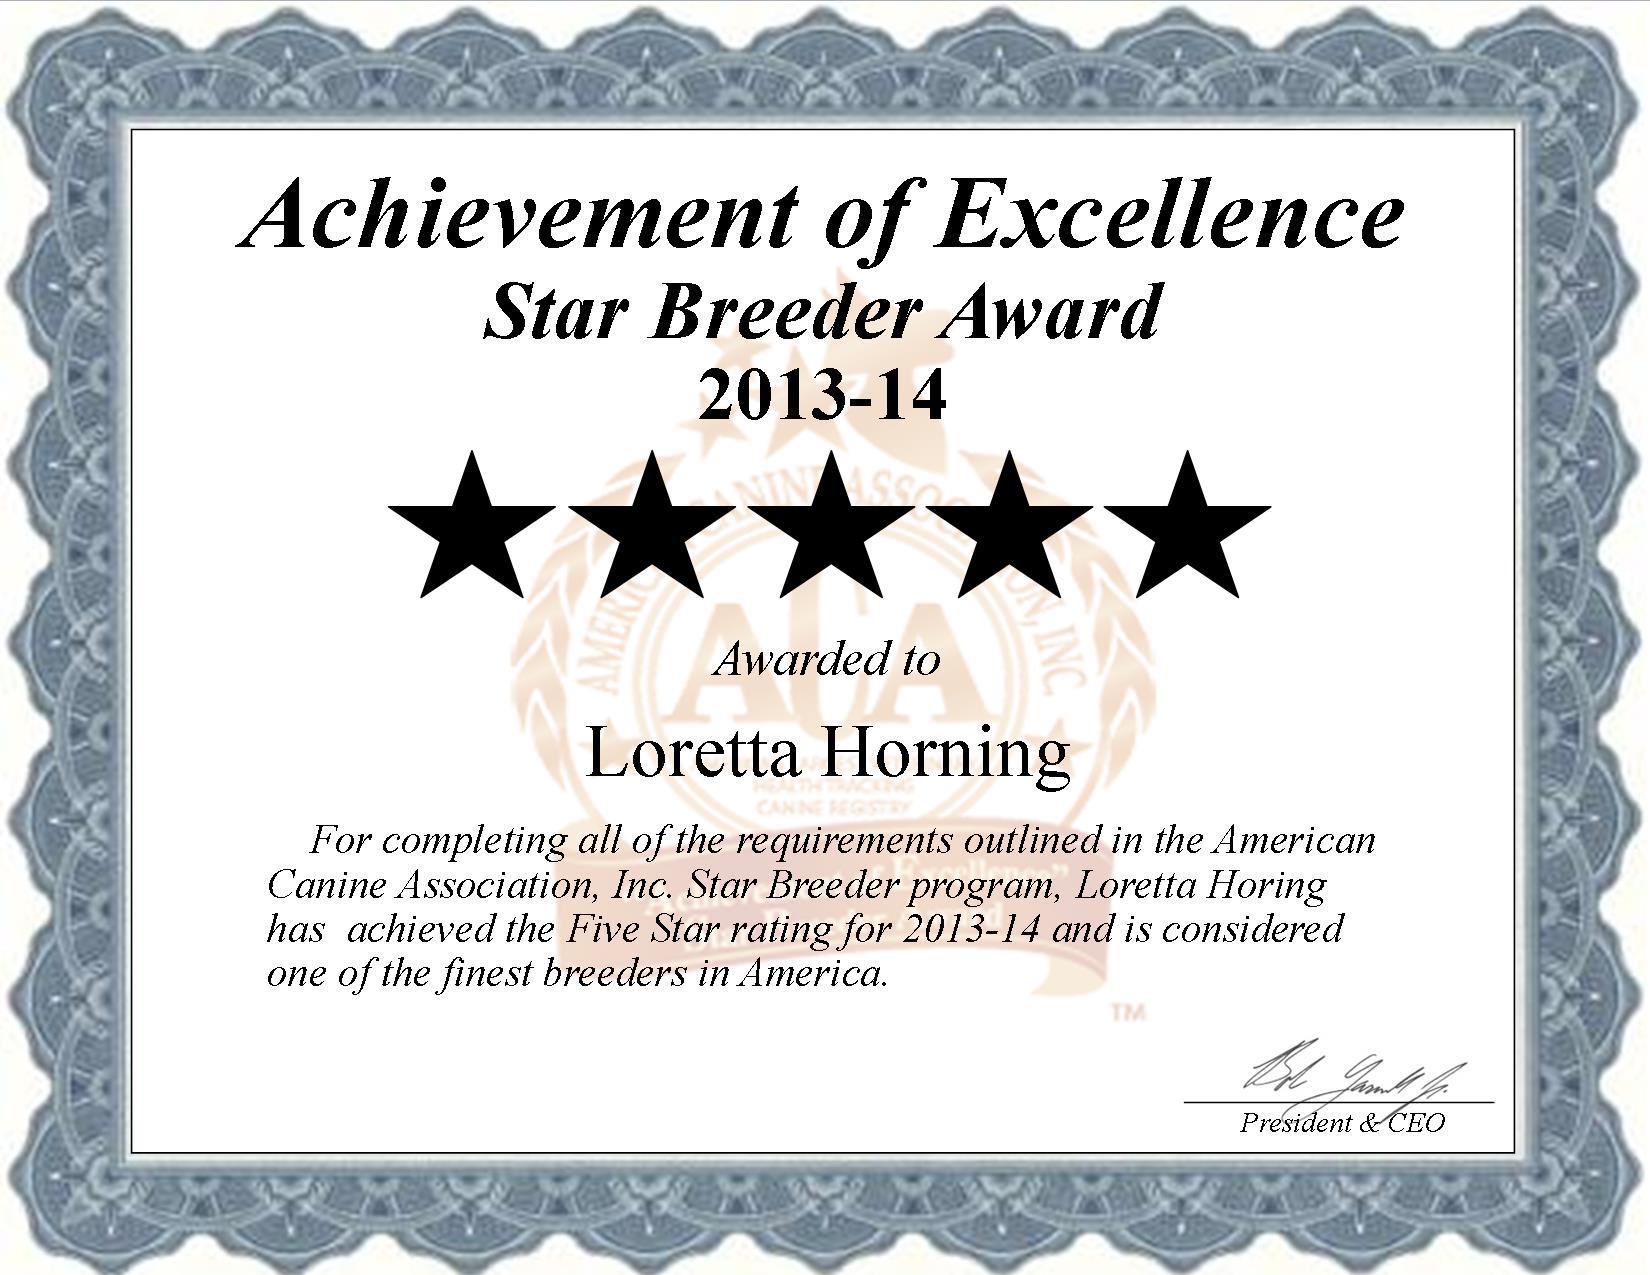 Loretta Horning, Crestwood Acres Kennel, Loretta, Horning, Horning Kennel, Crestwood Acres, crestwod, lyon, ny, new york, breeder, star breeder, starbreeder, 5 star, dog, puppy, puppies, five star